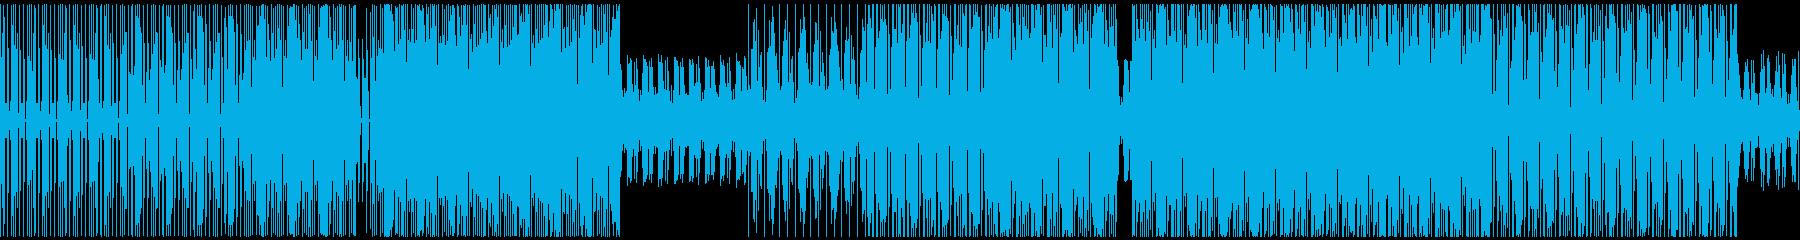 ラウンジ、テクノロジー。の再生済みの波形